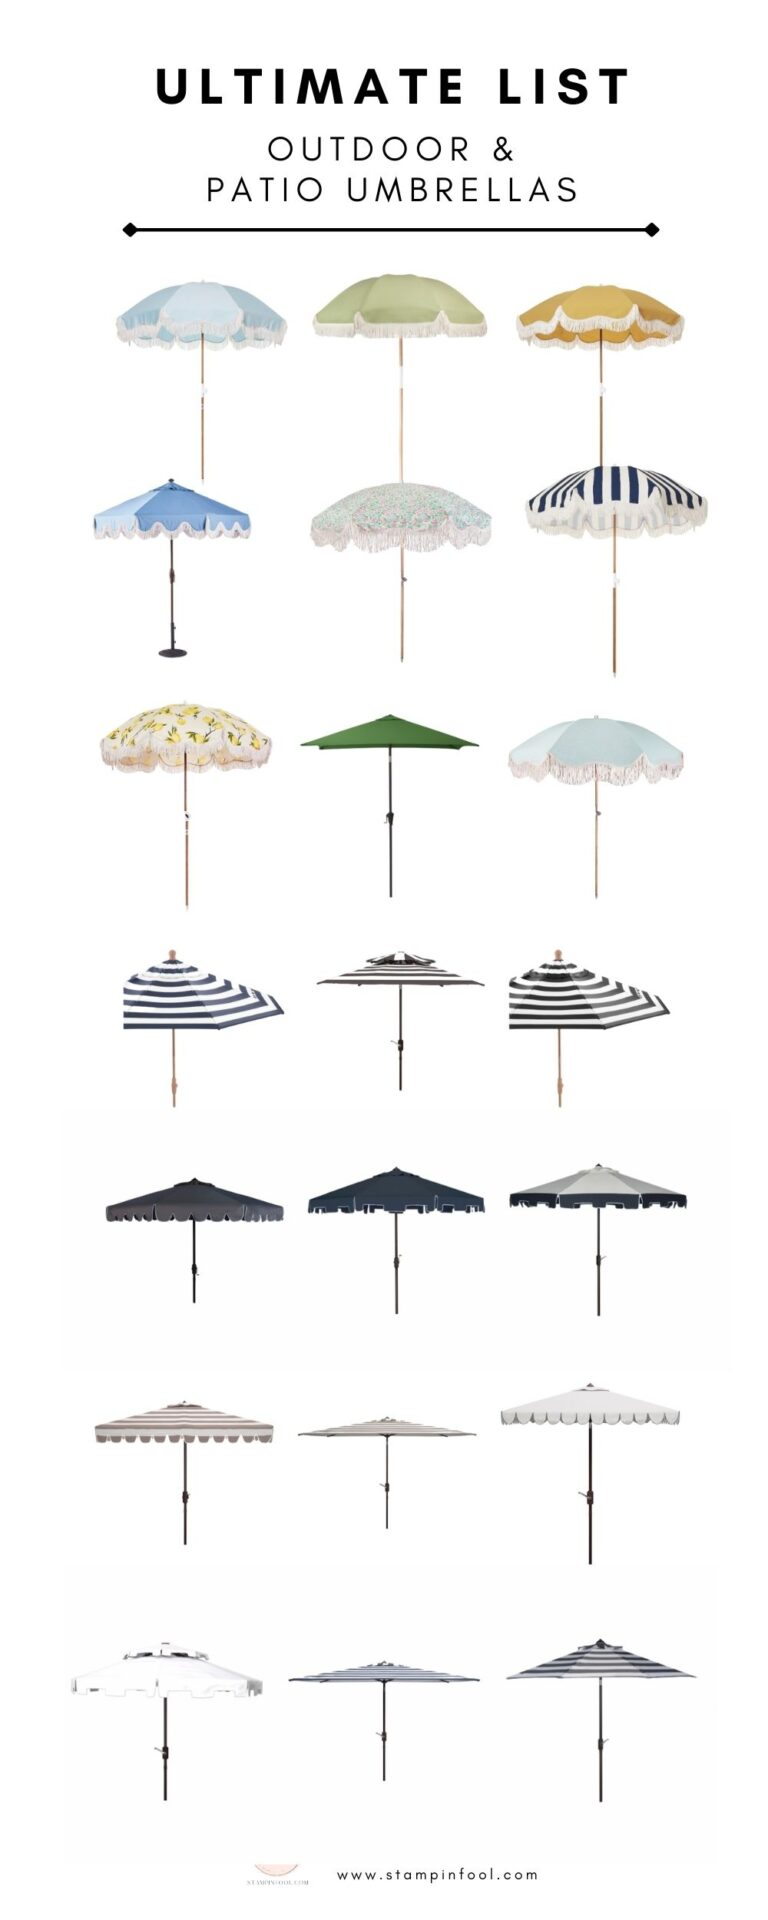 Best Outdoor Patio Umbrellas 2021